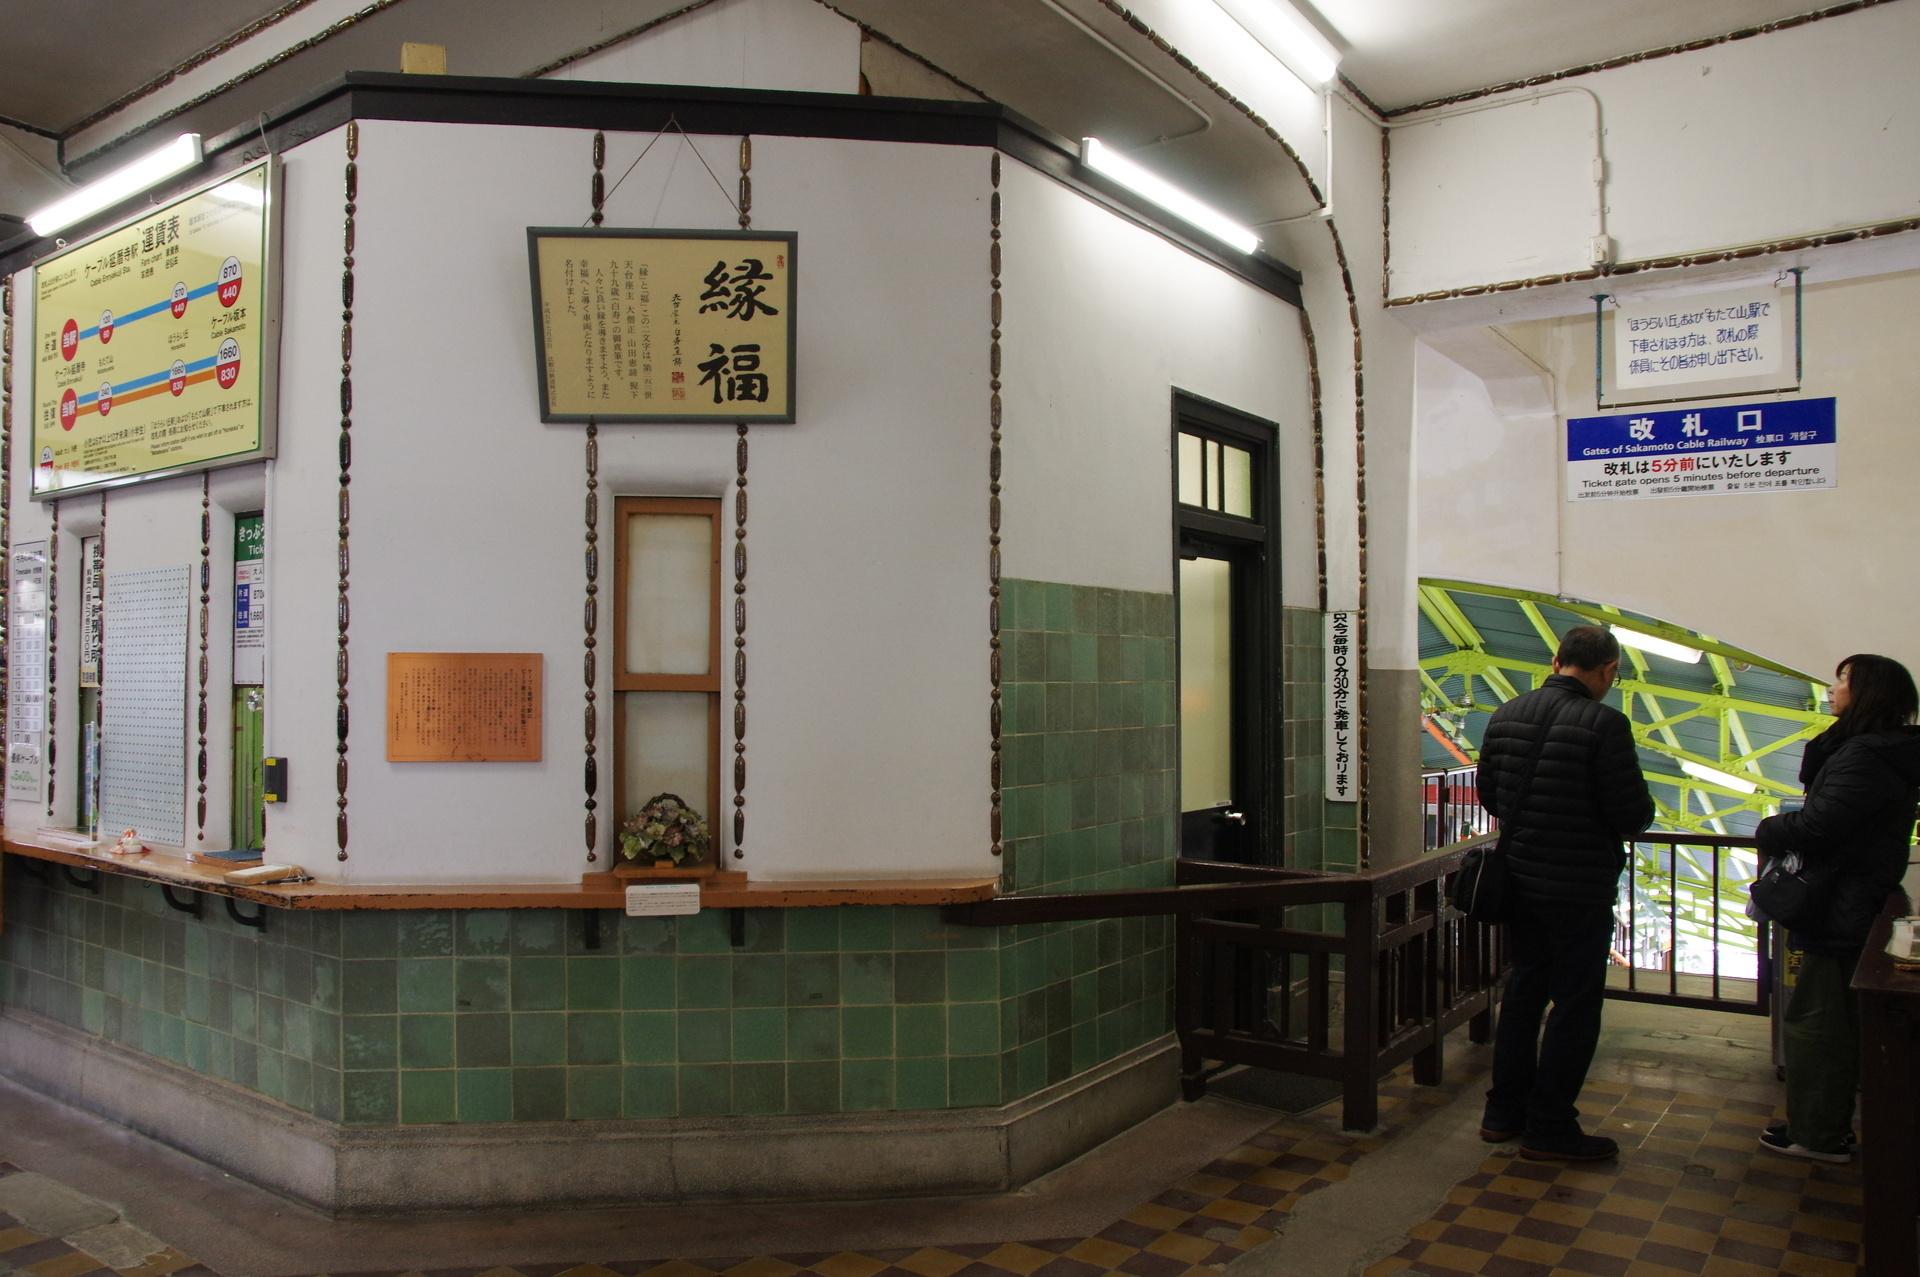 ケーブル延暦寺駅の駅舎内部